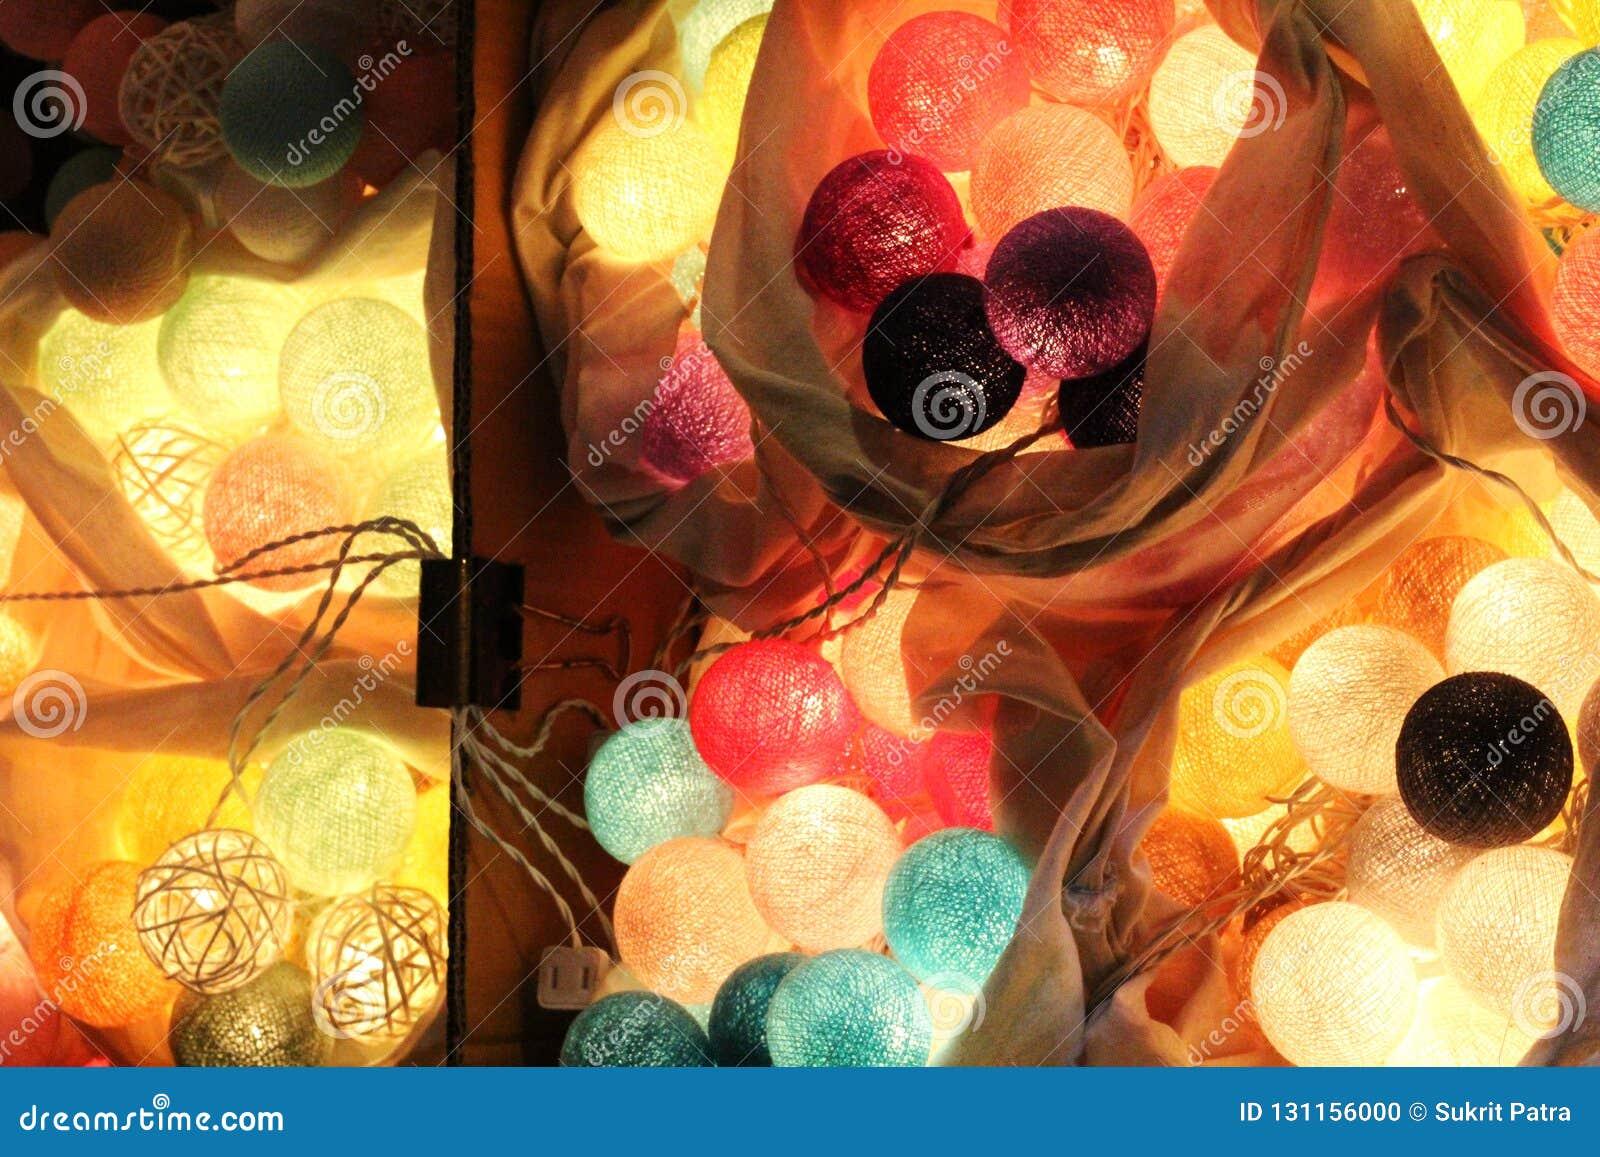 De lichten van de pingpongbal zijn kleurrijk en kleurrijk, als decoratie van een winkel of een mooi huis